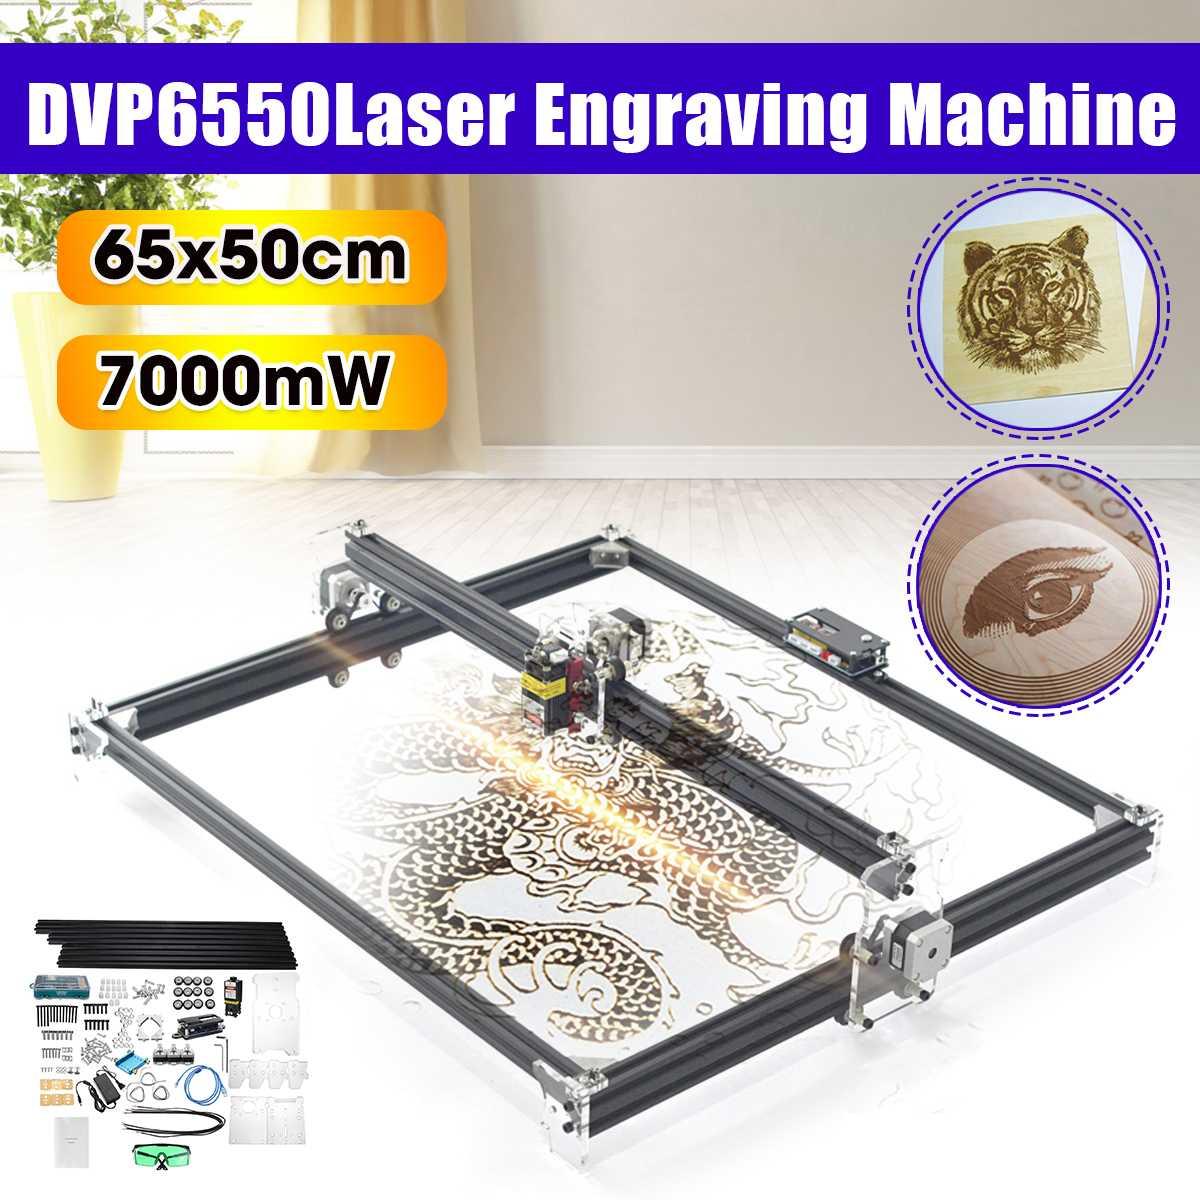 65*55cm 7000MW Blau CNC Laser Gravur Maschine 2 Achse 12V DIY Home Kupferstecher Desktop Holz router/Cutter/Drucker